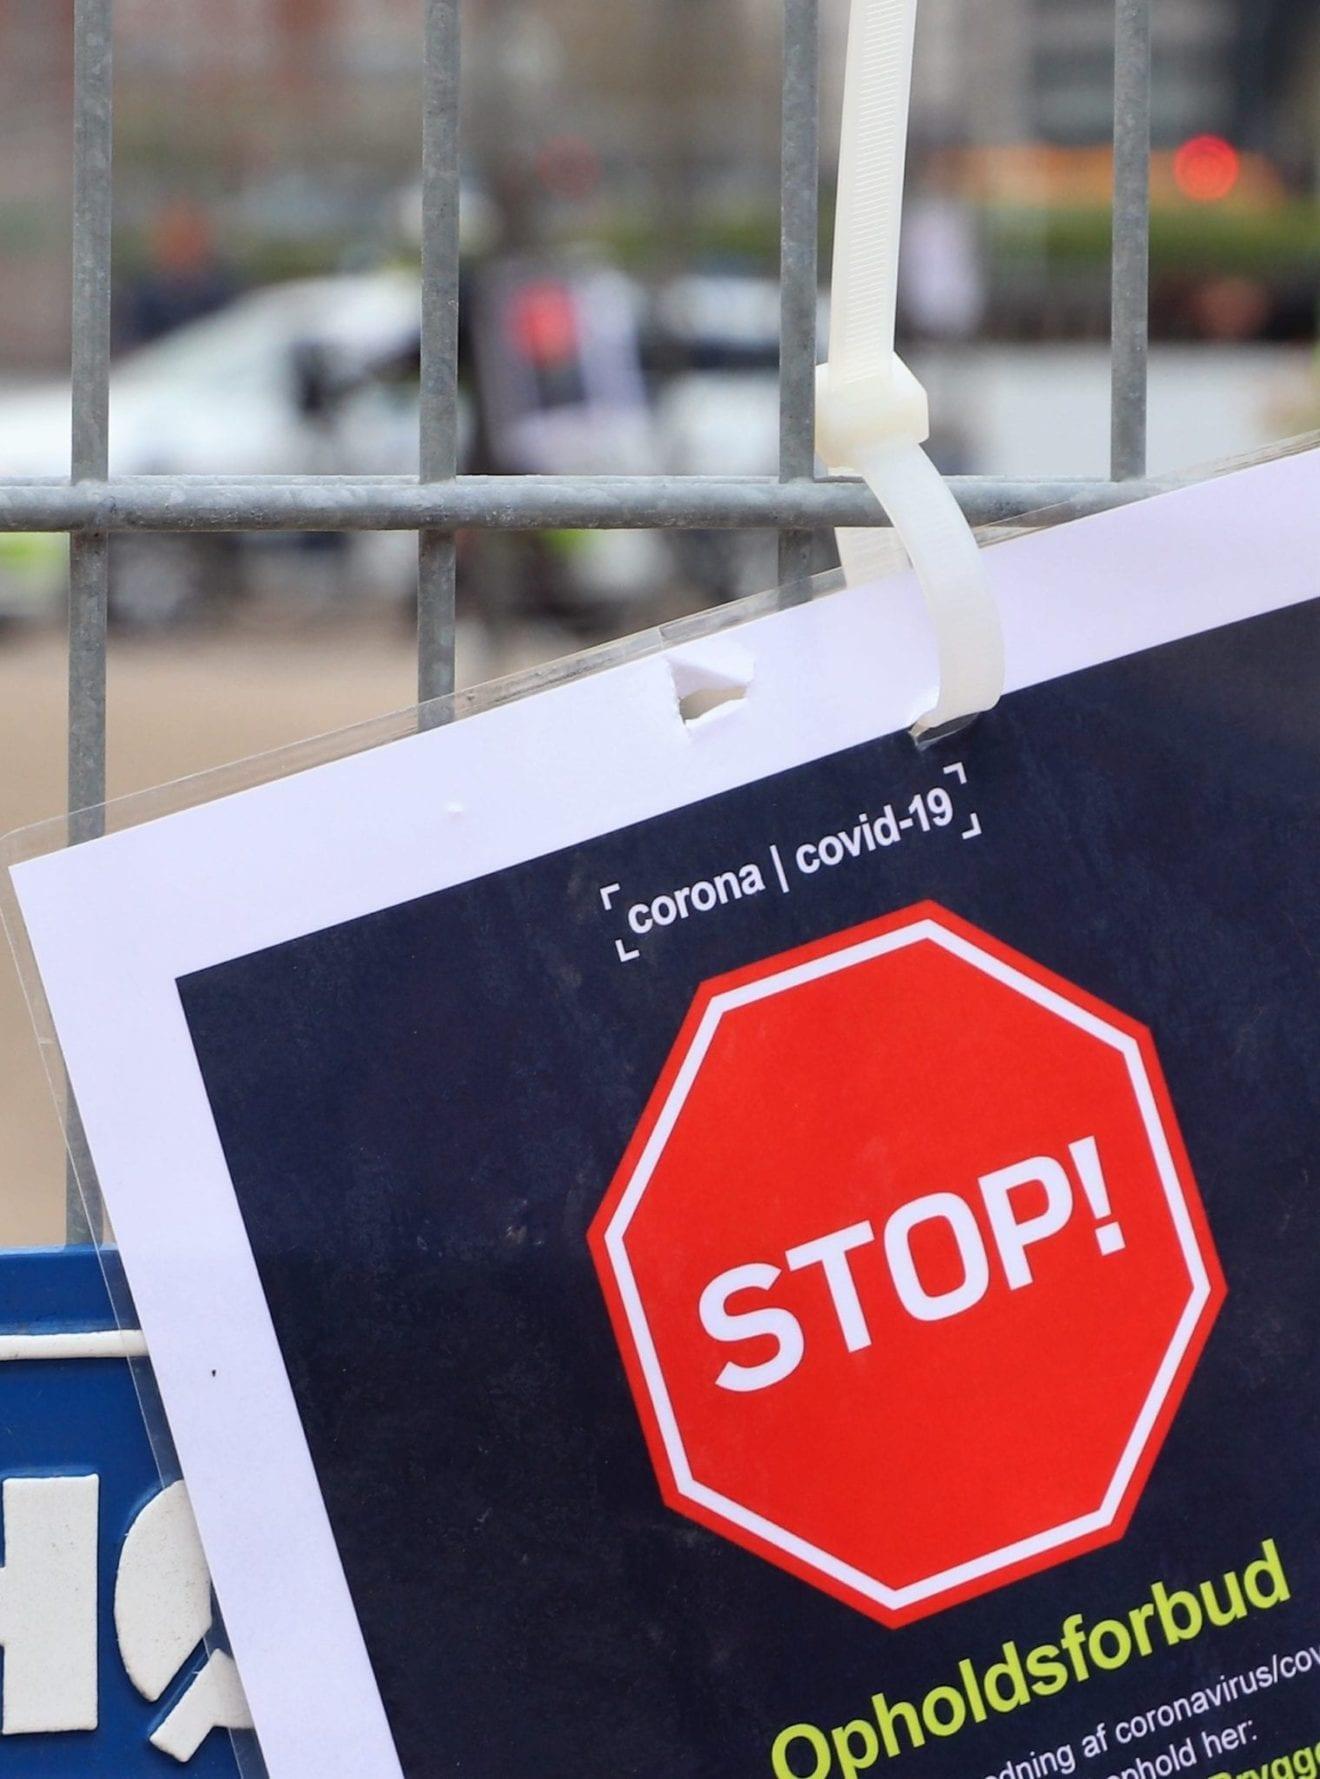 Opholdsforbud forlænges i Kødbyen og Nørrebroparken